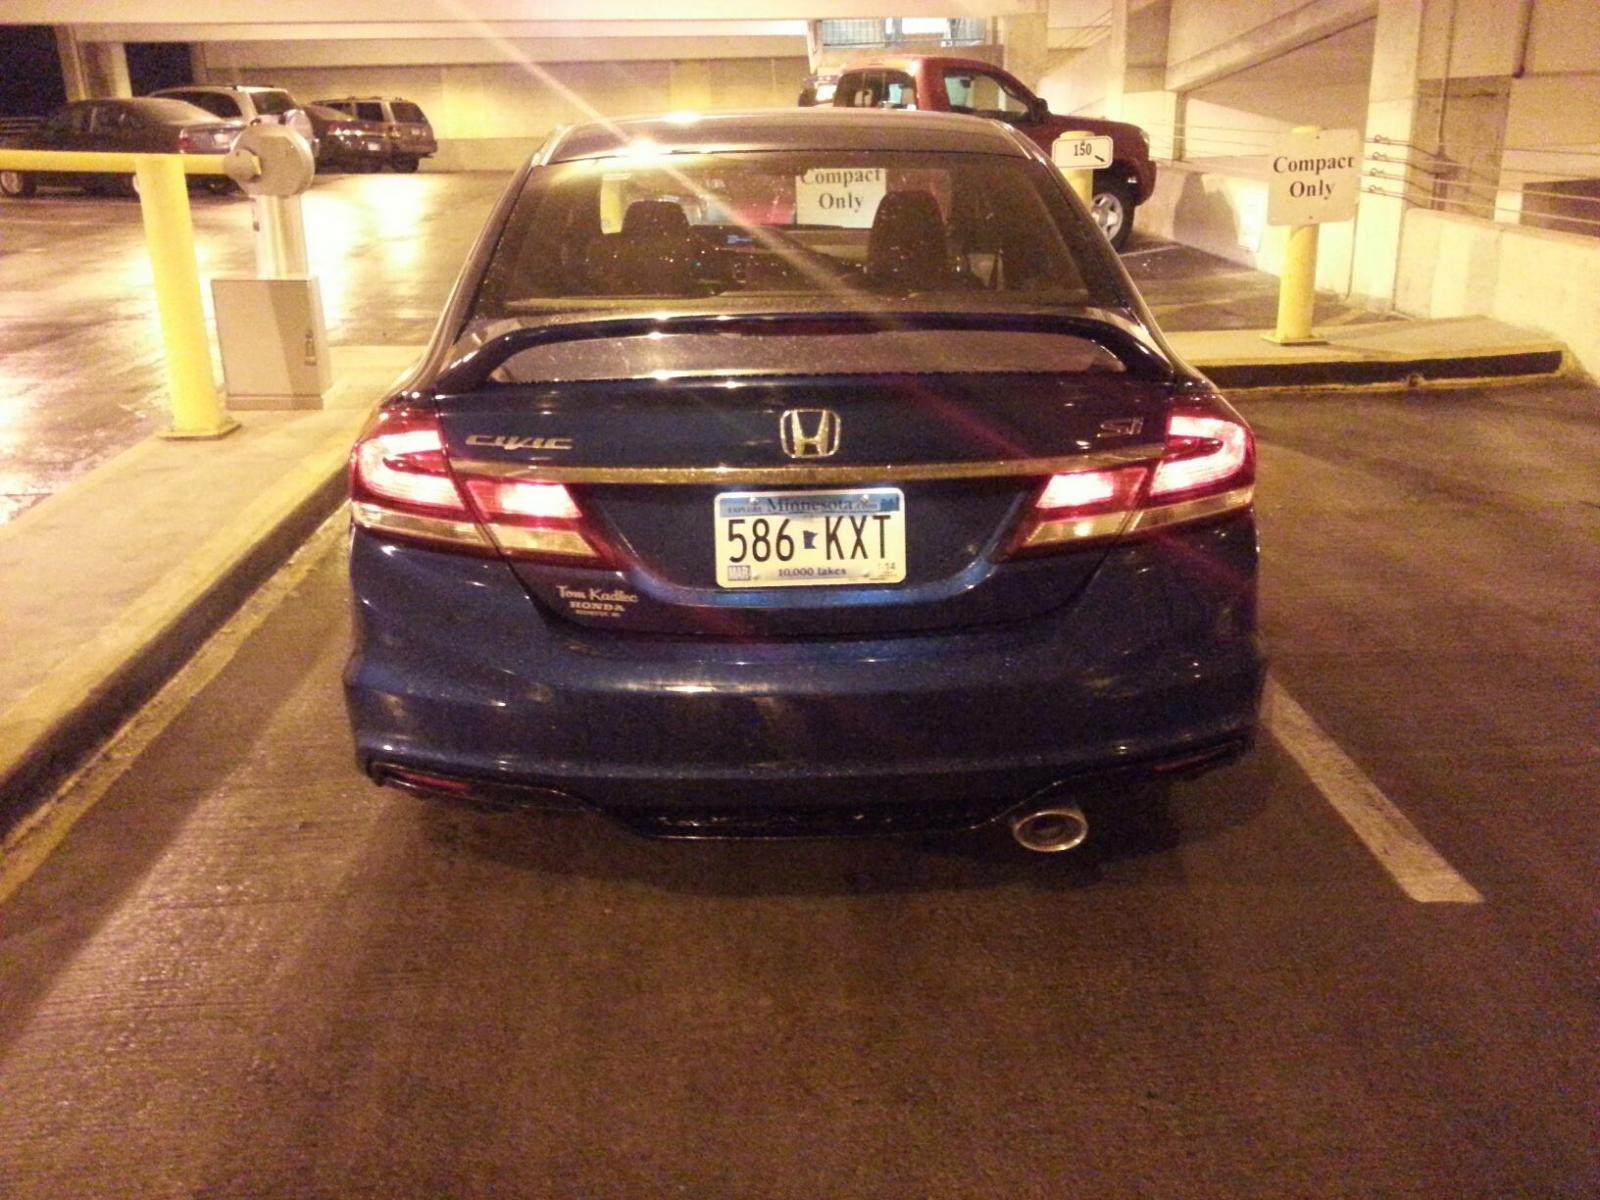 New '13 Civic Si Owner!-903020_10100207067612359_2001270252_o.jpg